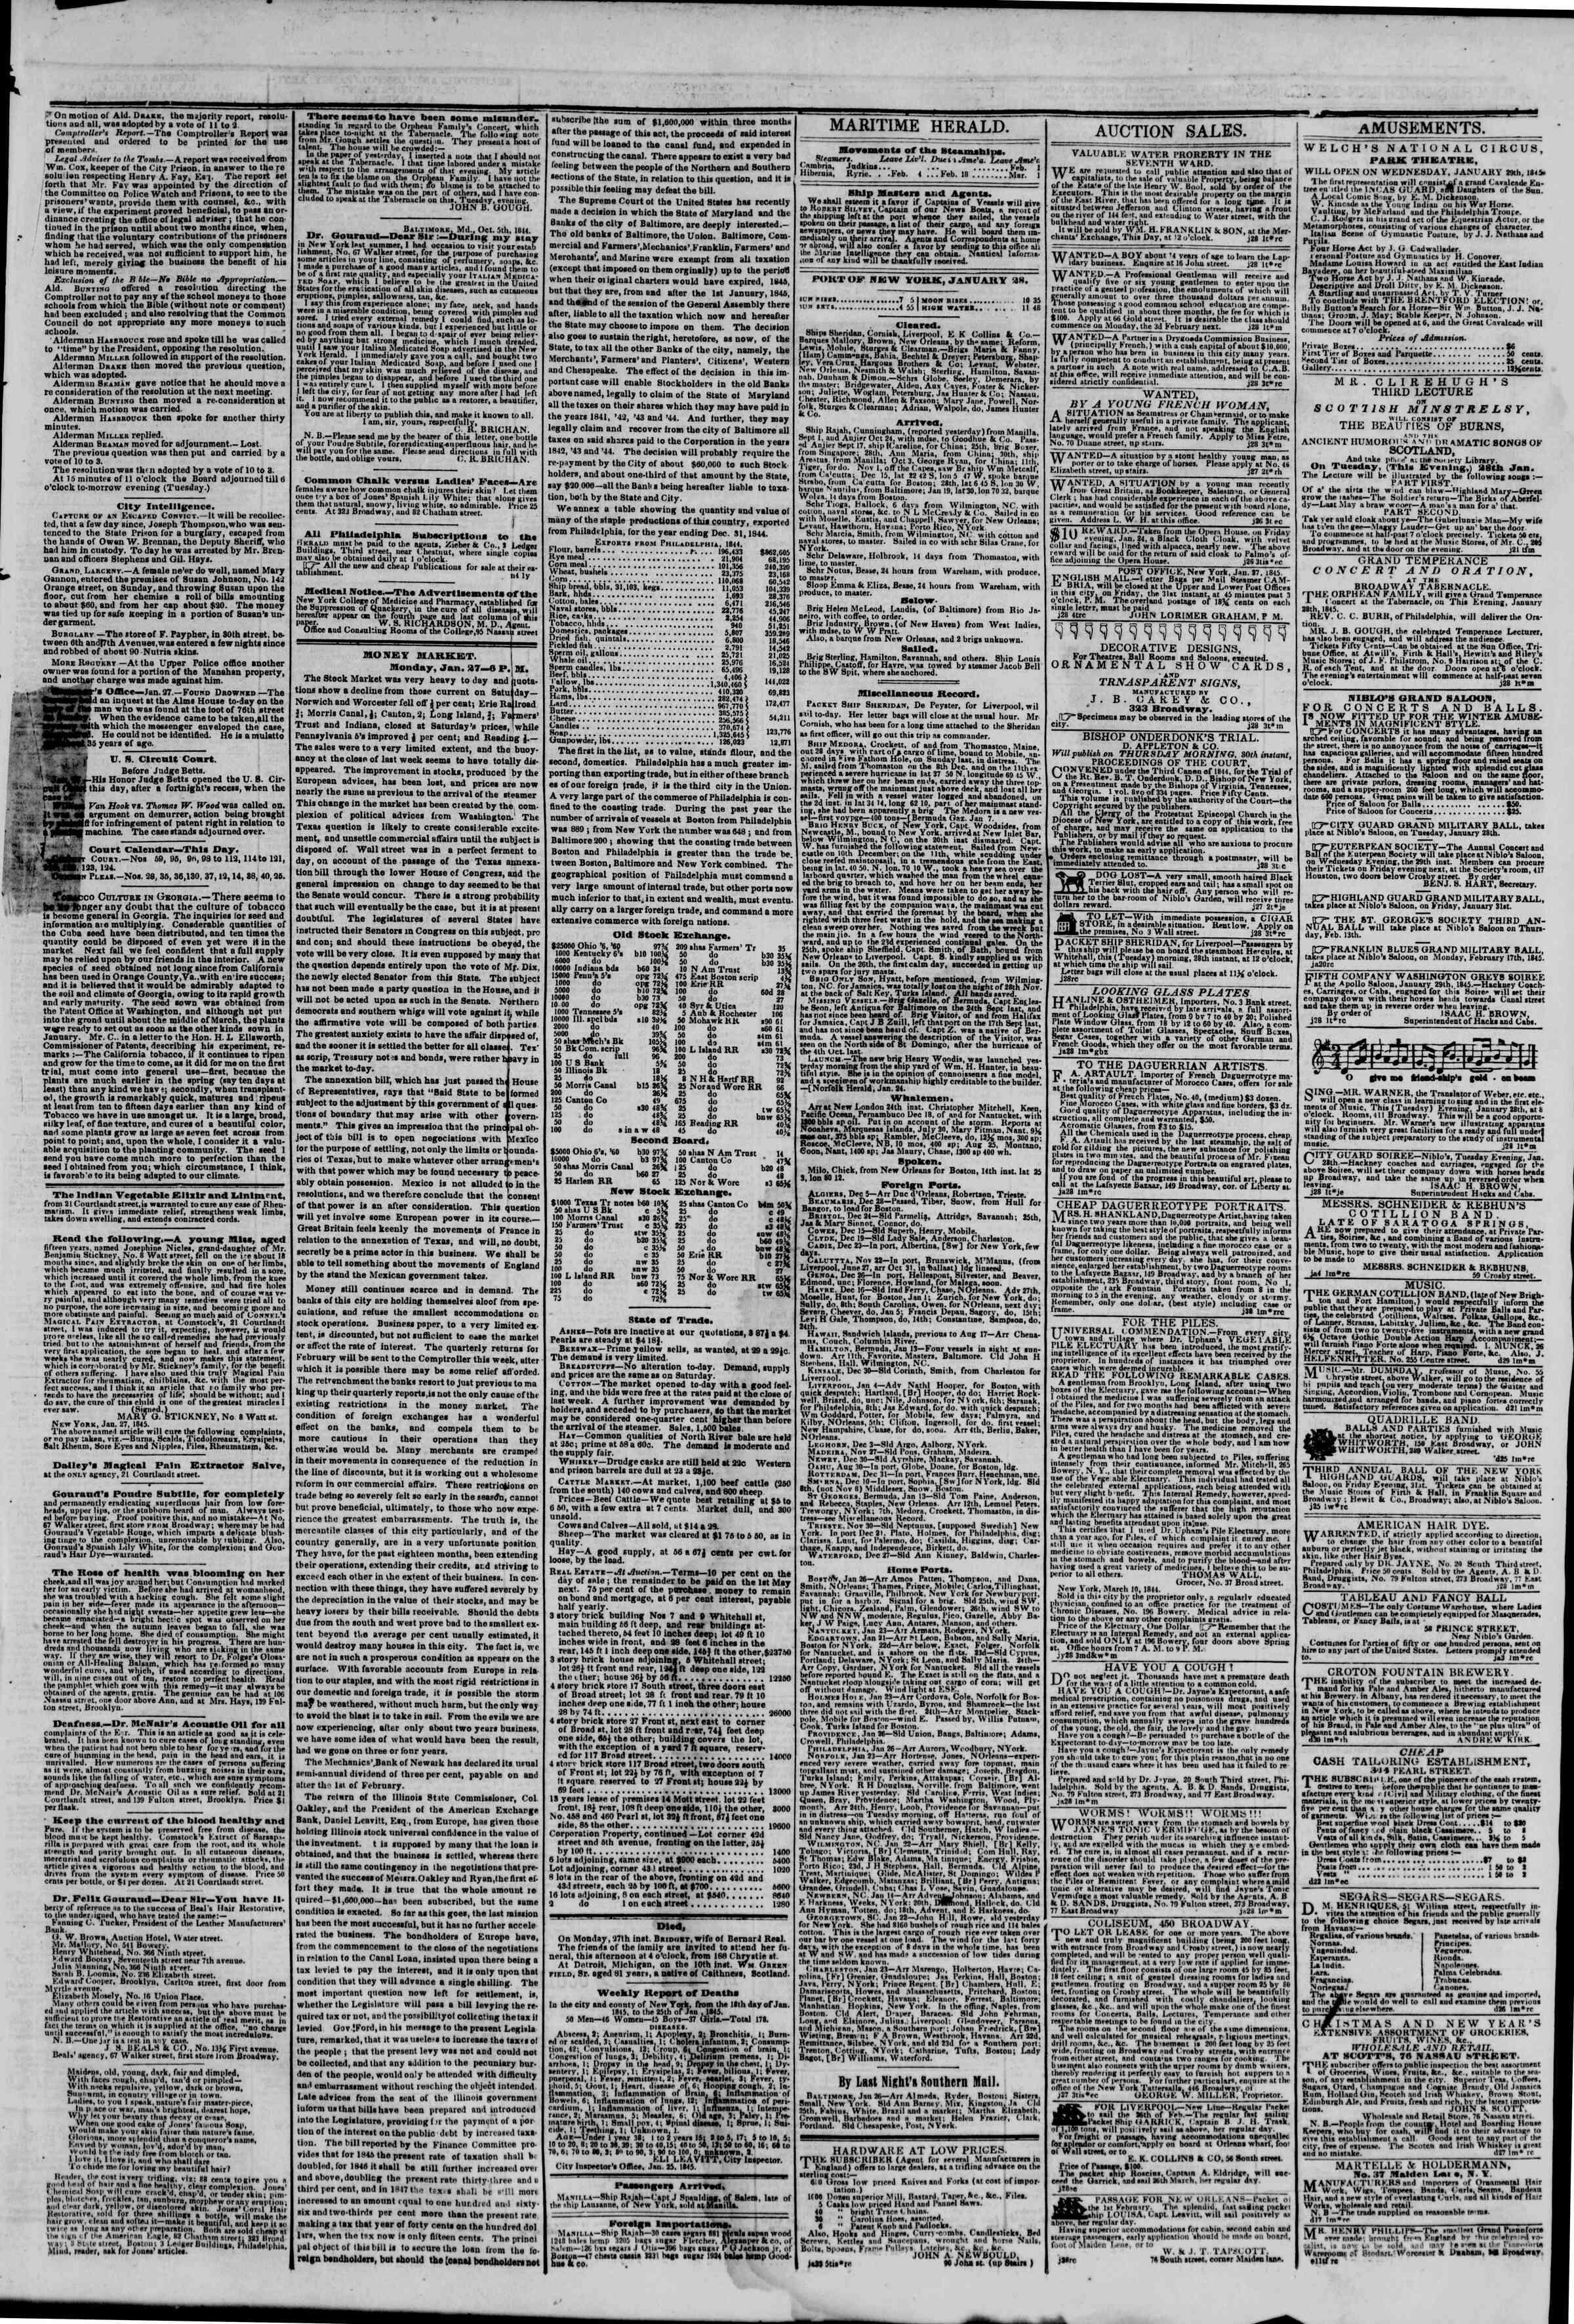 January 28, 1845 Tarihli The New York Herald Gazetesi Sayfa 3